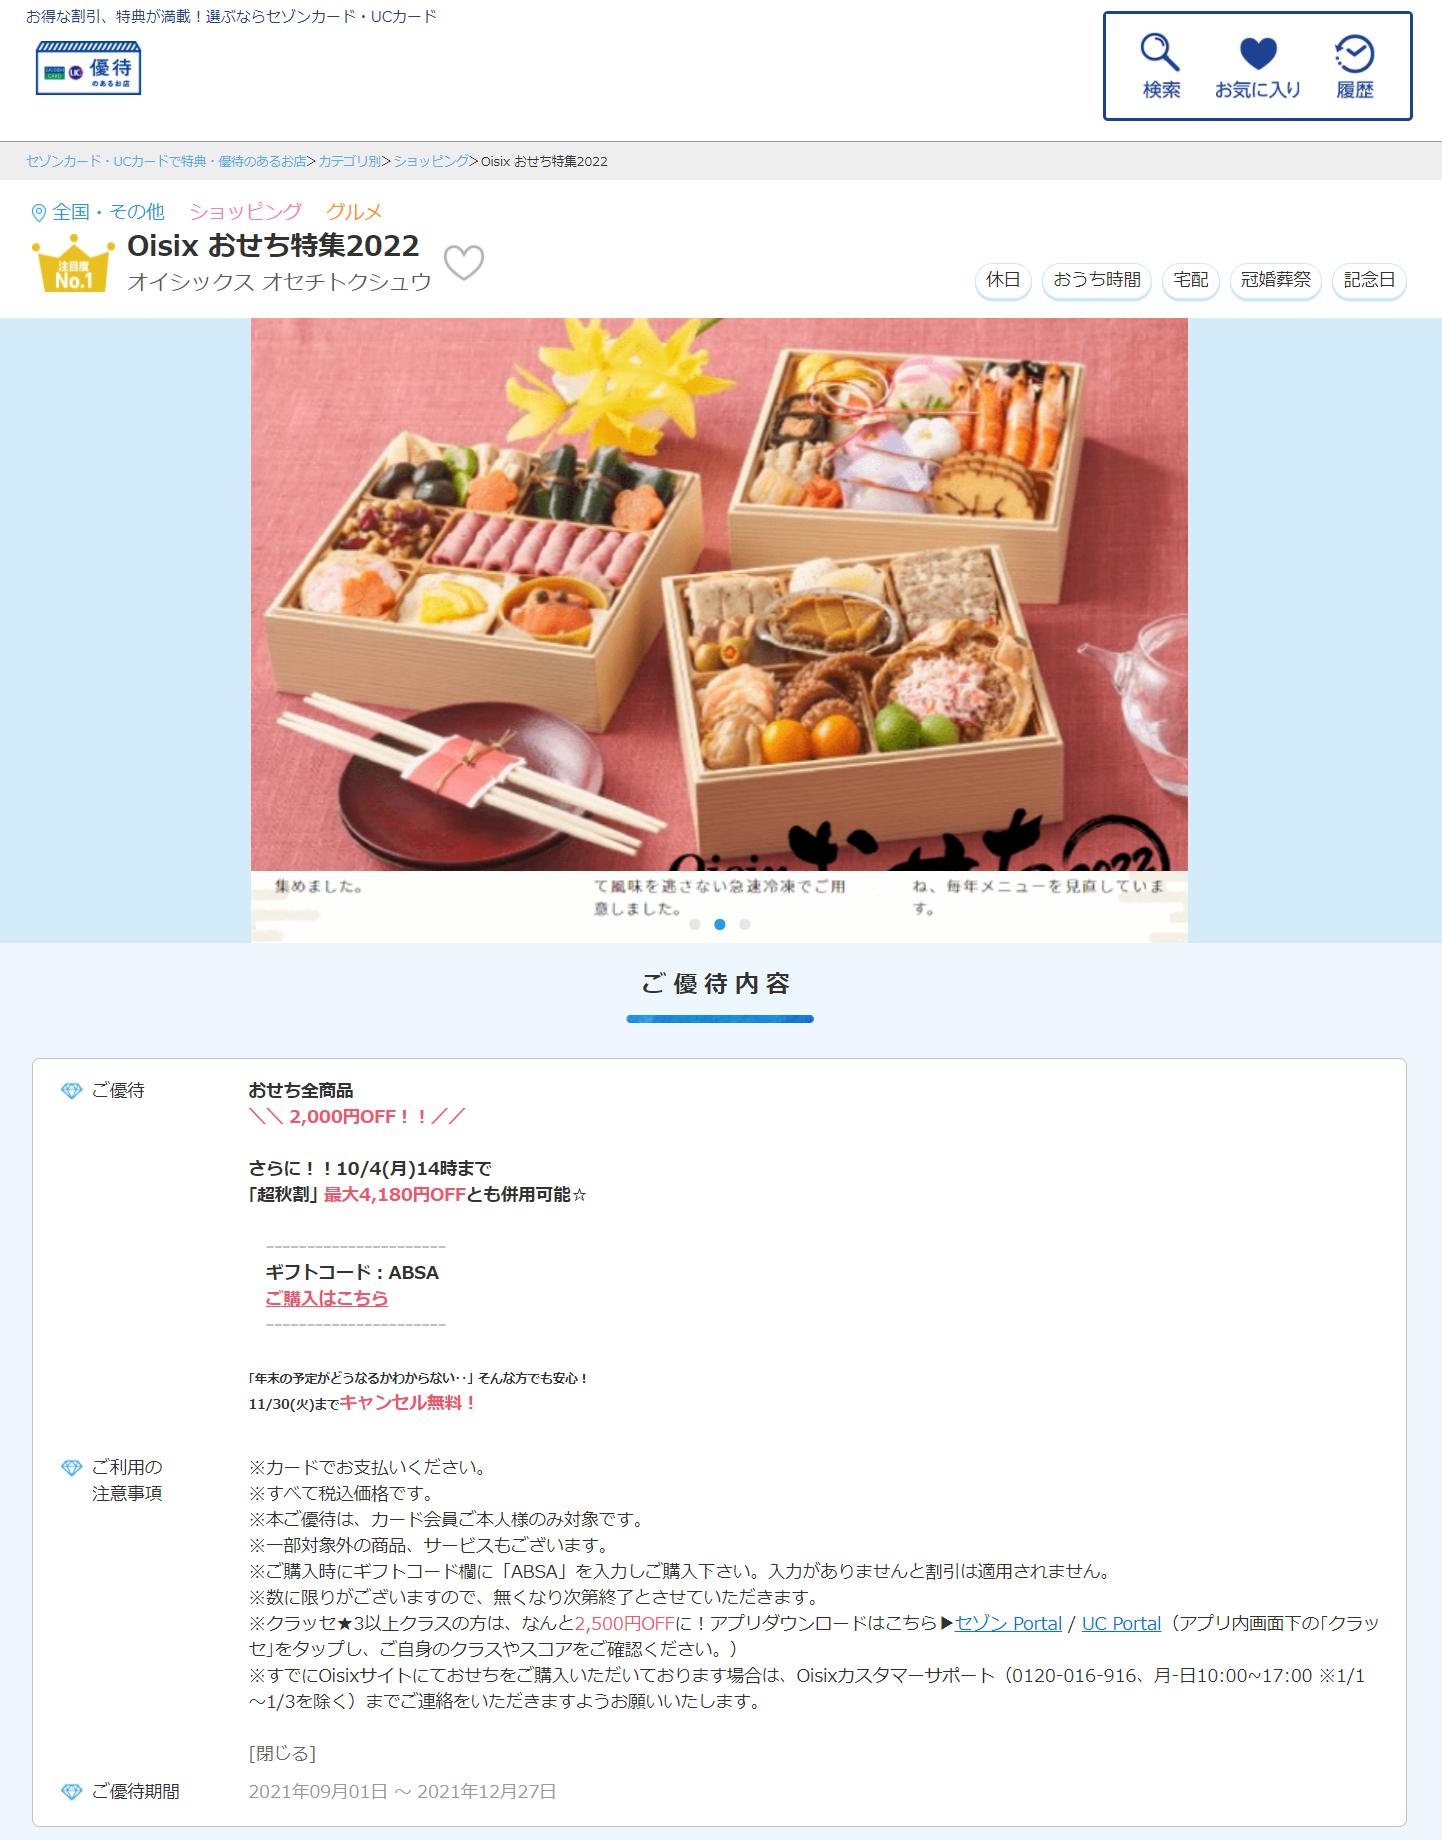 セゾンカード・UCカード特典 Oisixおせちが2,000円OFF